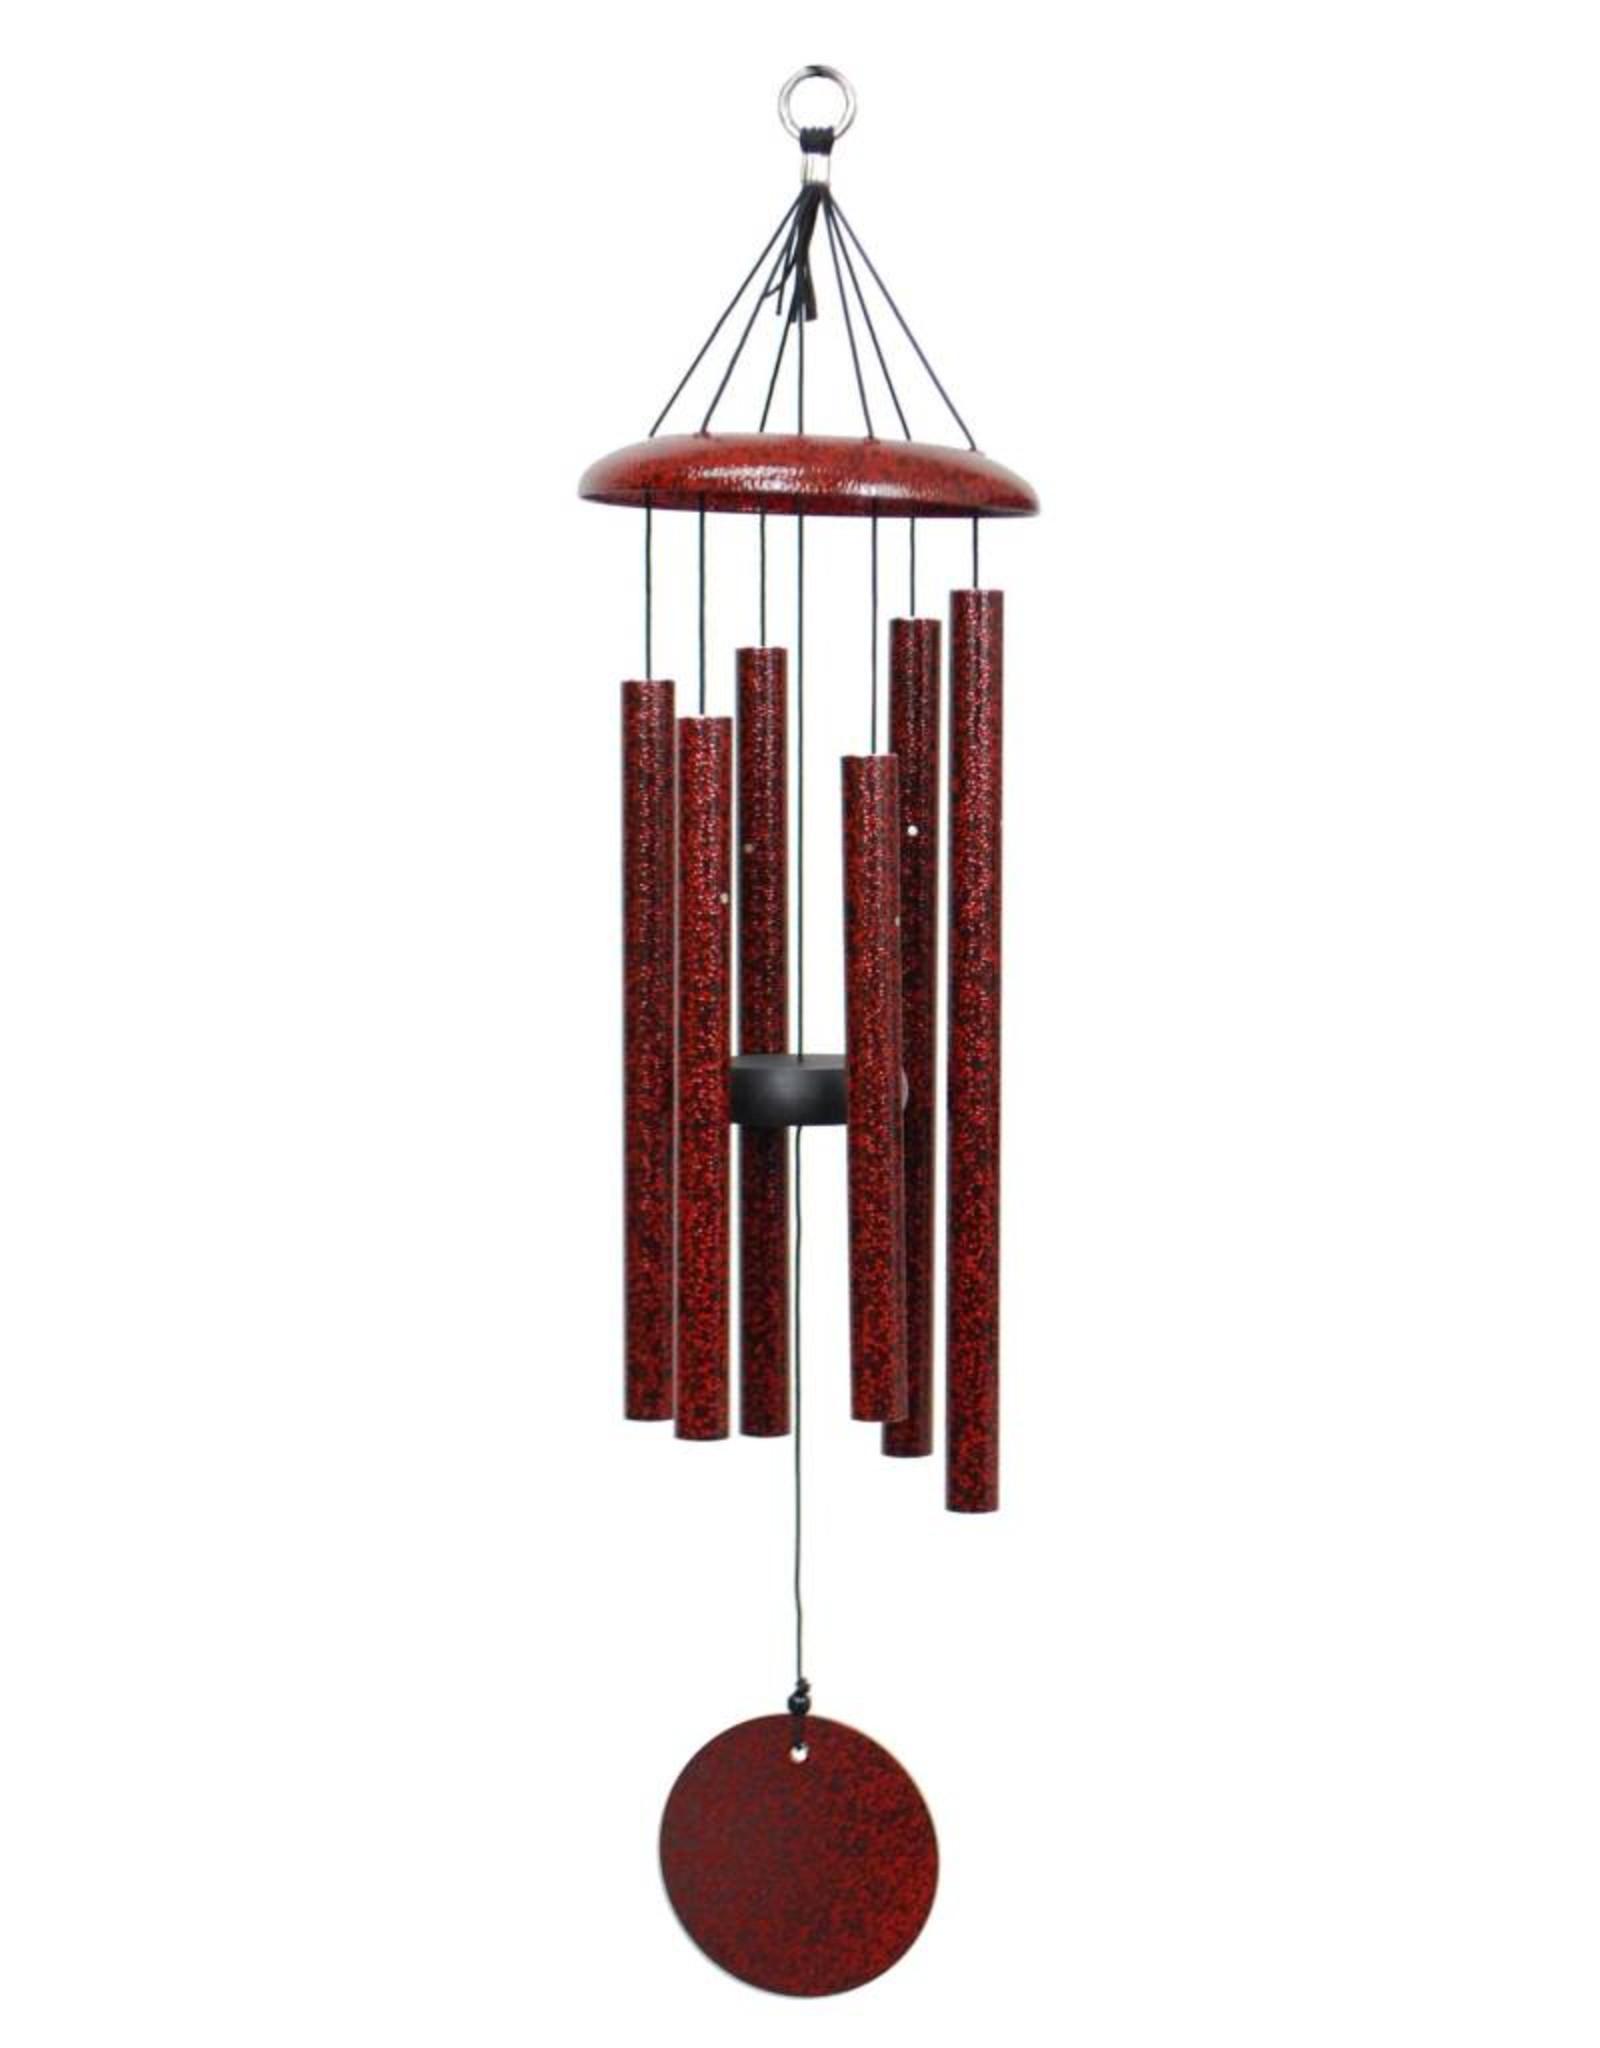 Corinthian Bells Corinthian Bells WIndchimes - 27 Inch